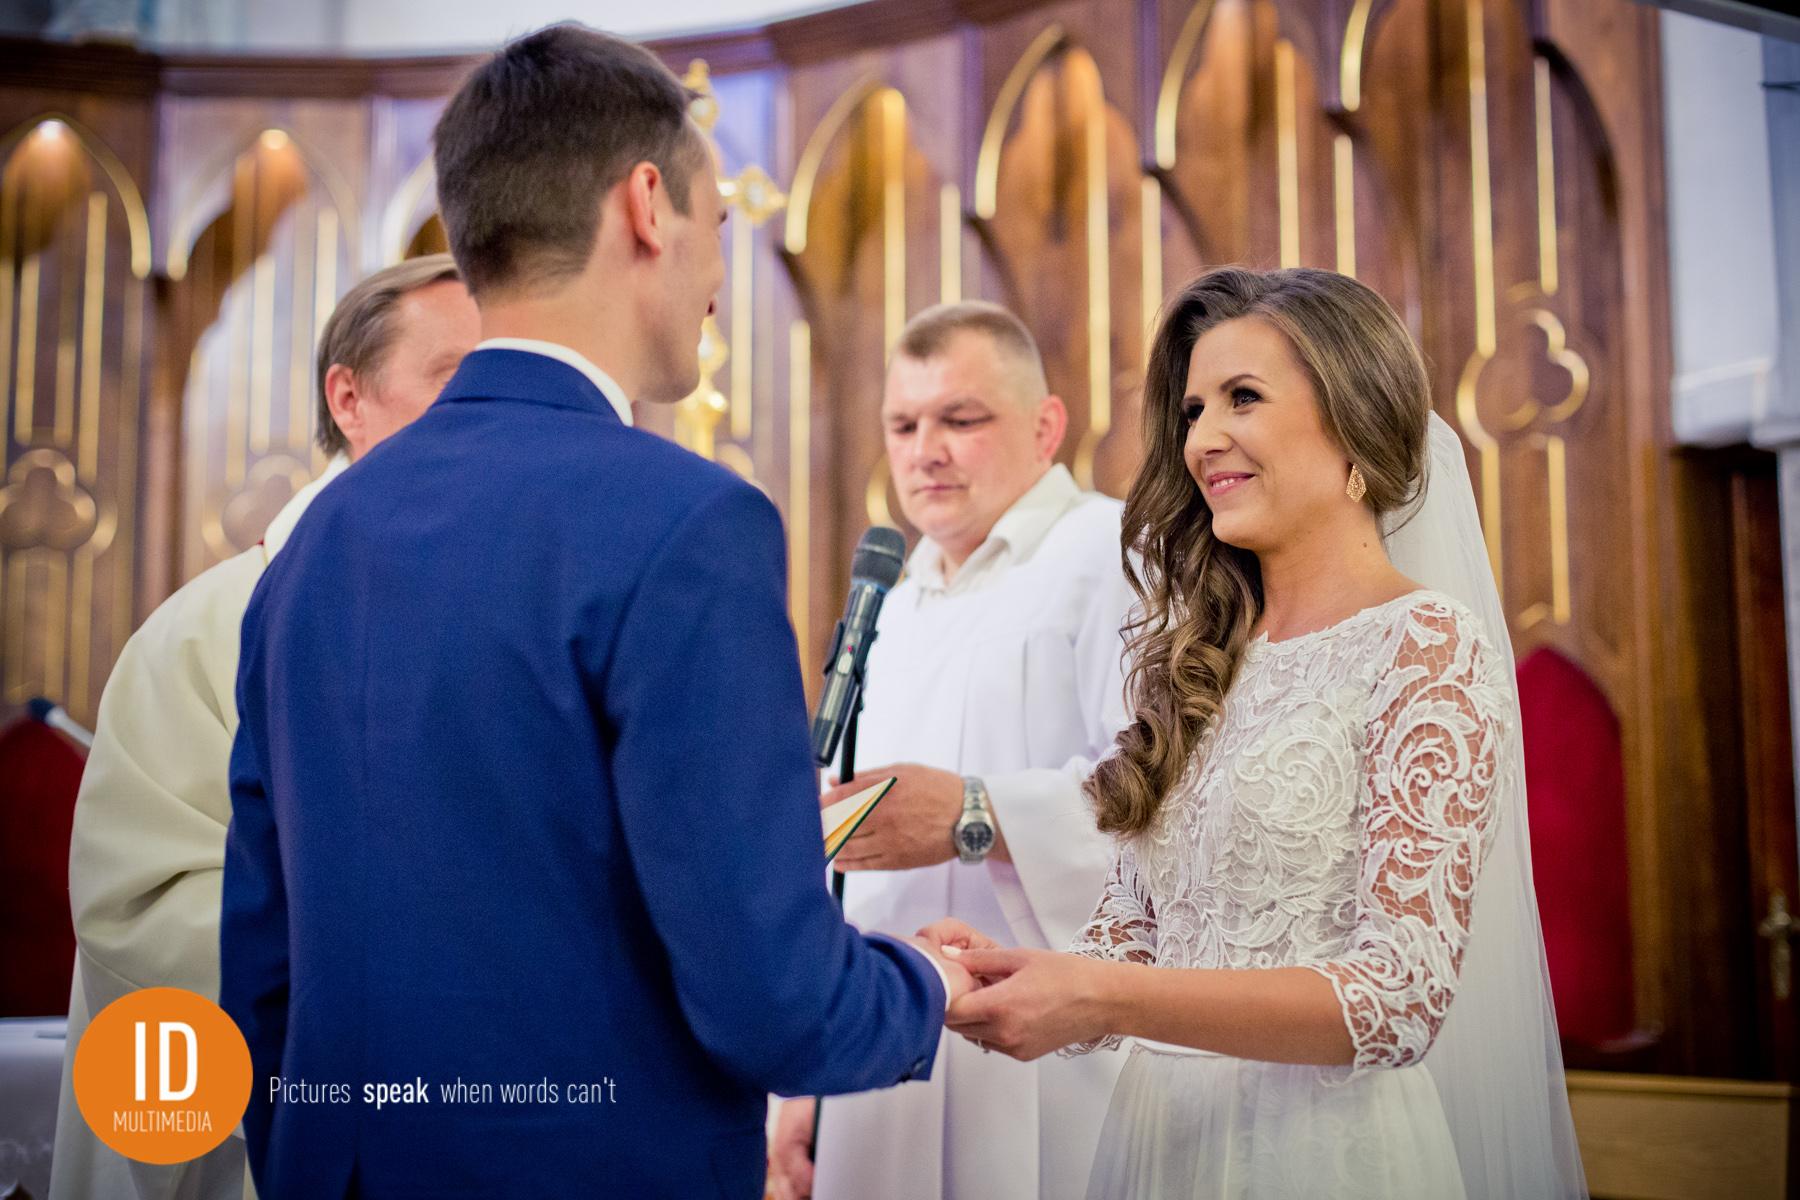 Zakładanie obrączek zdjęcia ślubne IdMultimedia